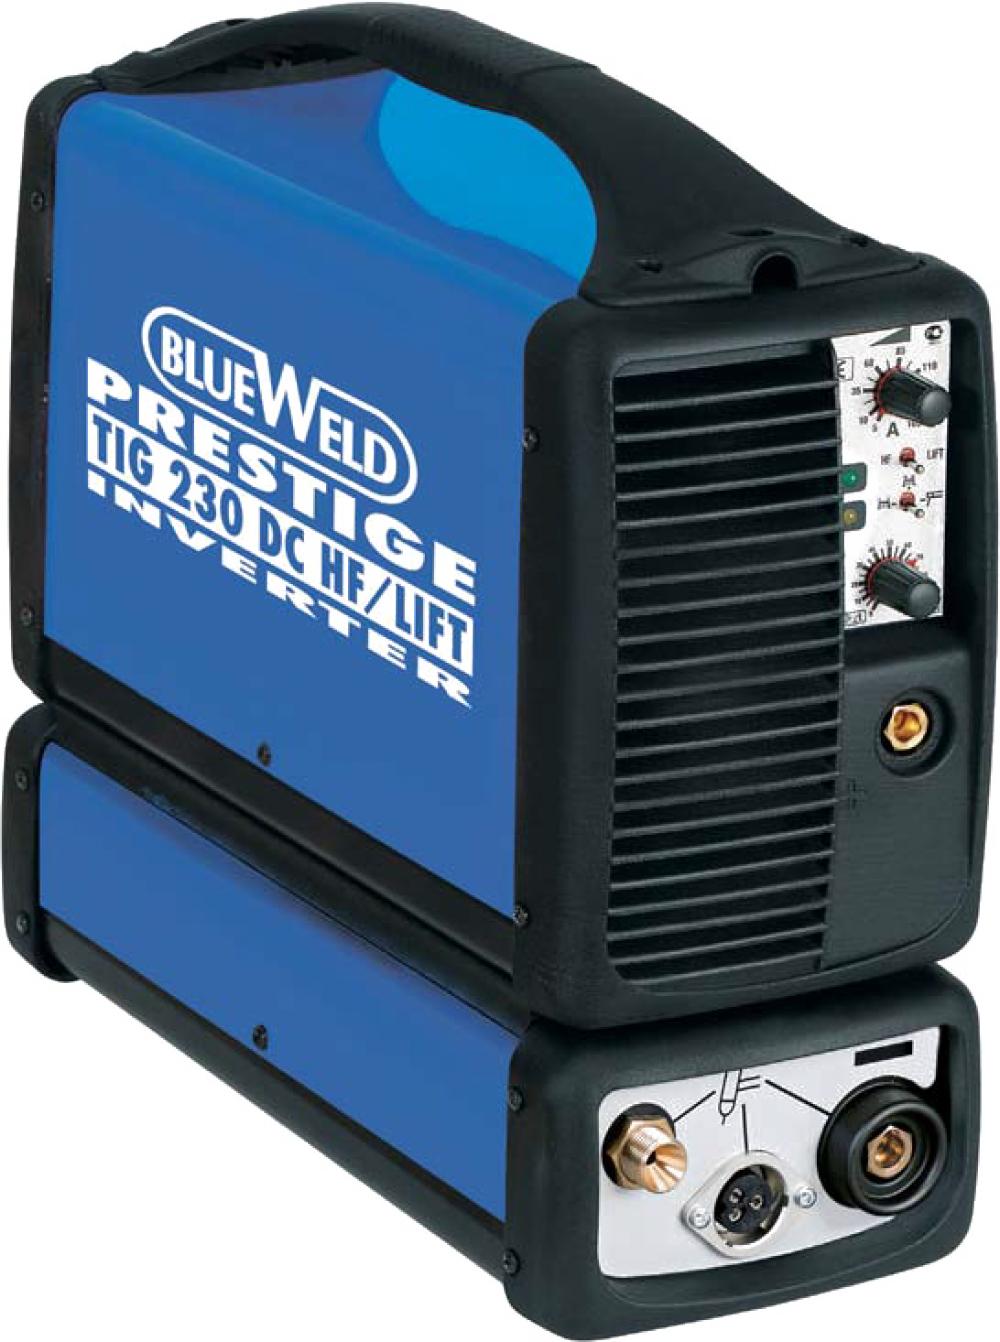 Купить Сварочный аппарат Blue weld Prestige tig 230 dc hf/lift